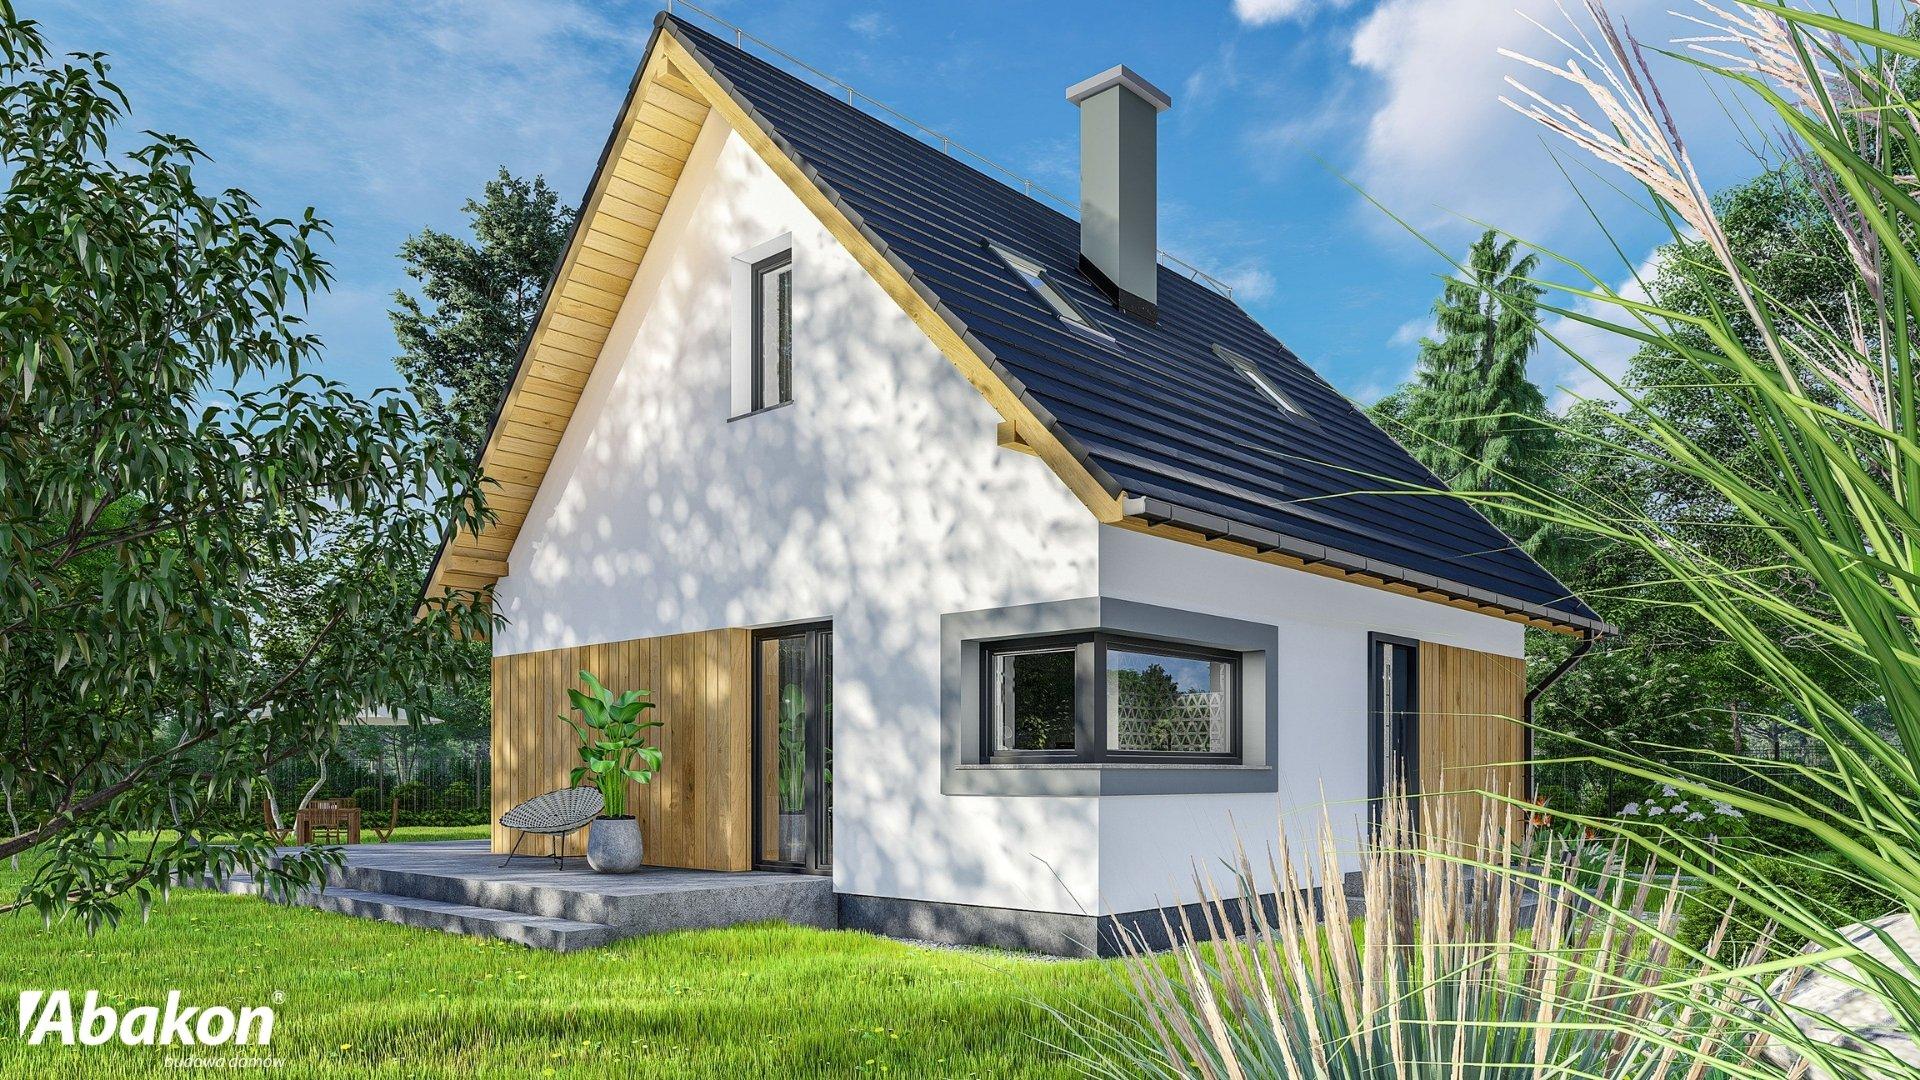 projekty domów z kosztorysem - mały dom z poddaszem Abakon 2019 SE